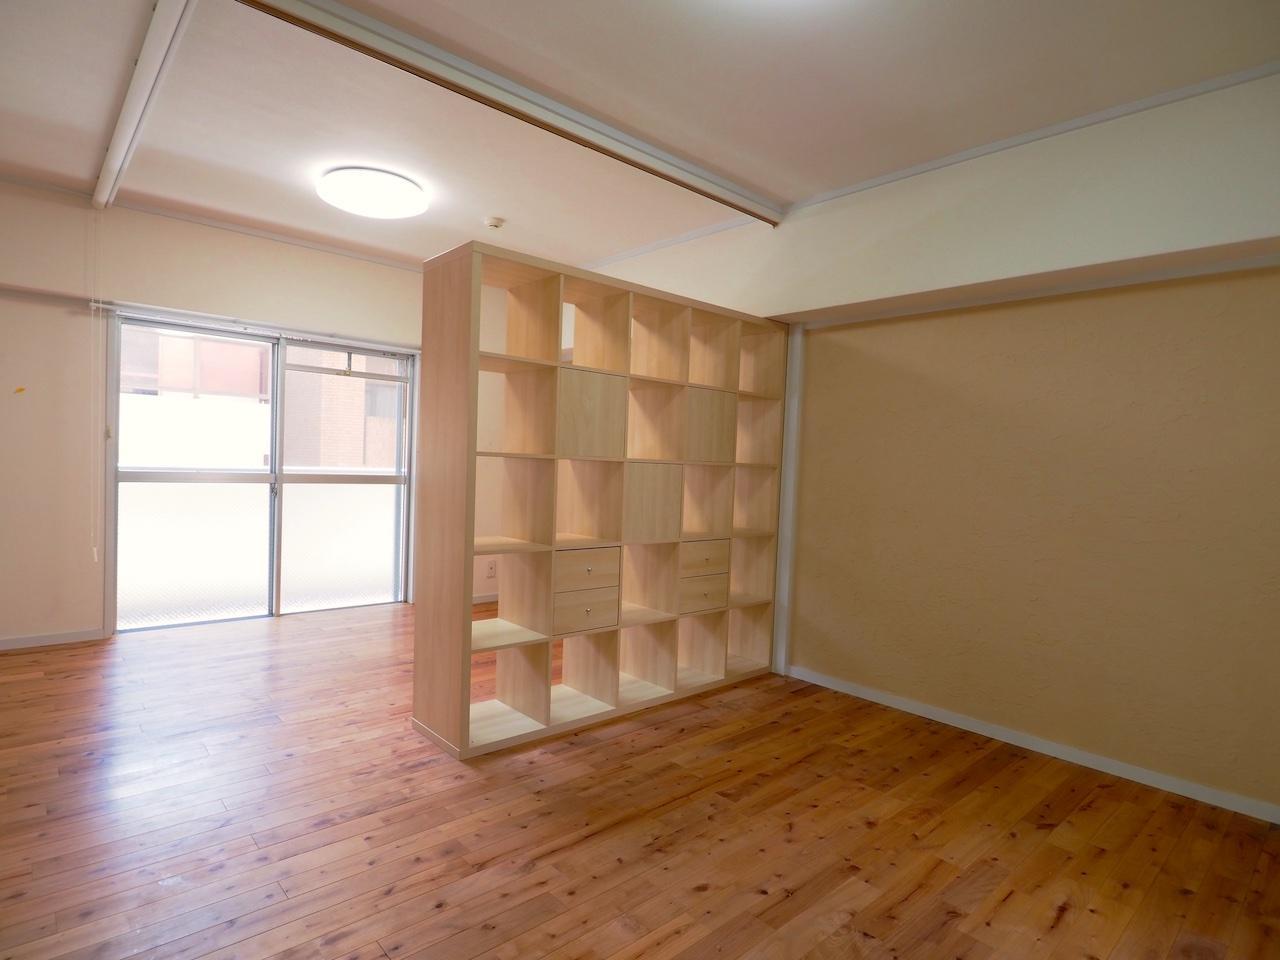 本やオブジェなどを飾って空間を彩りたい。